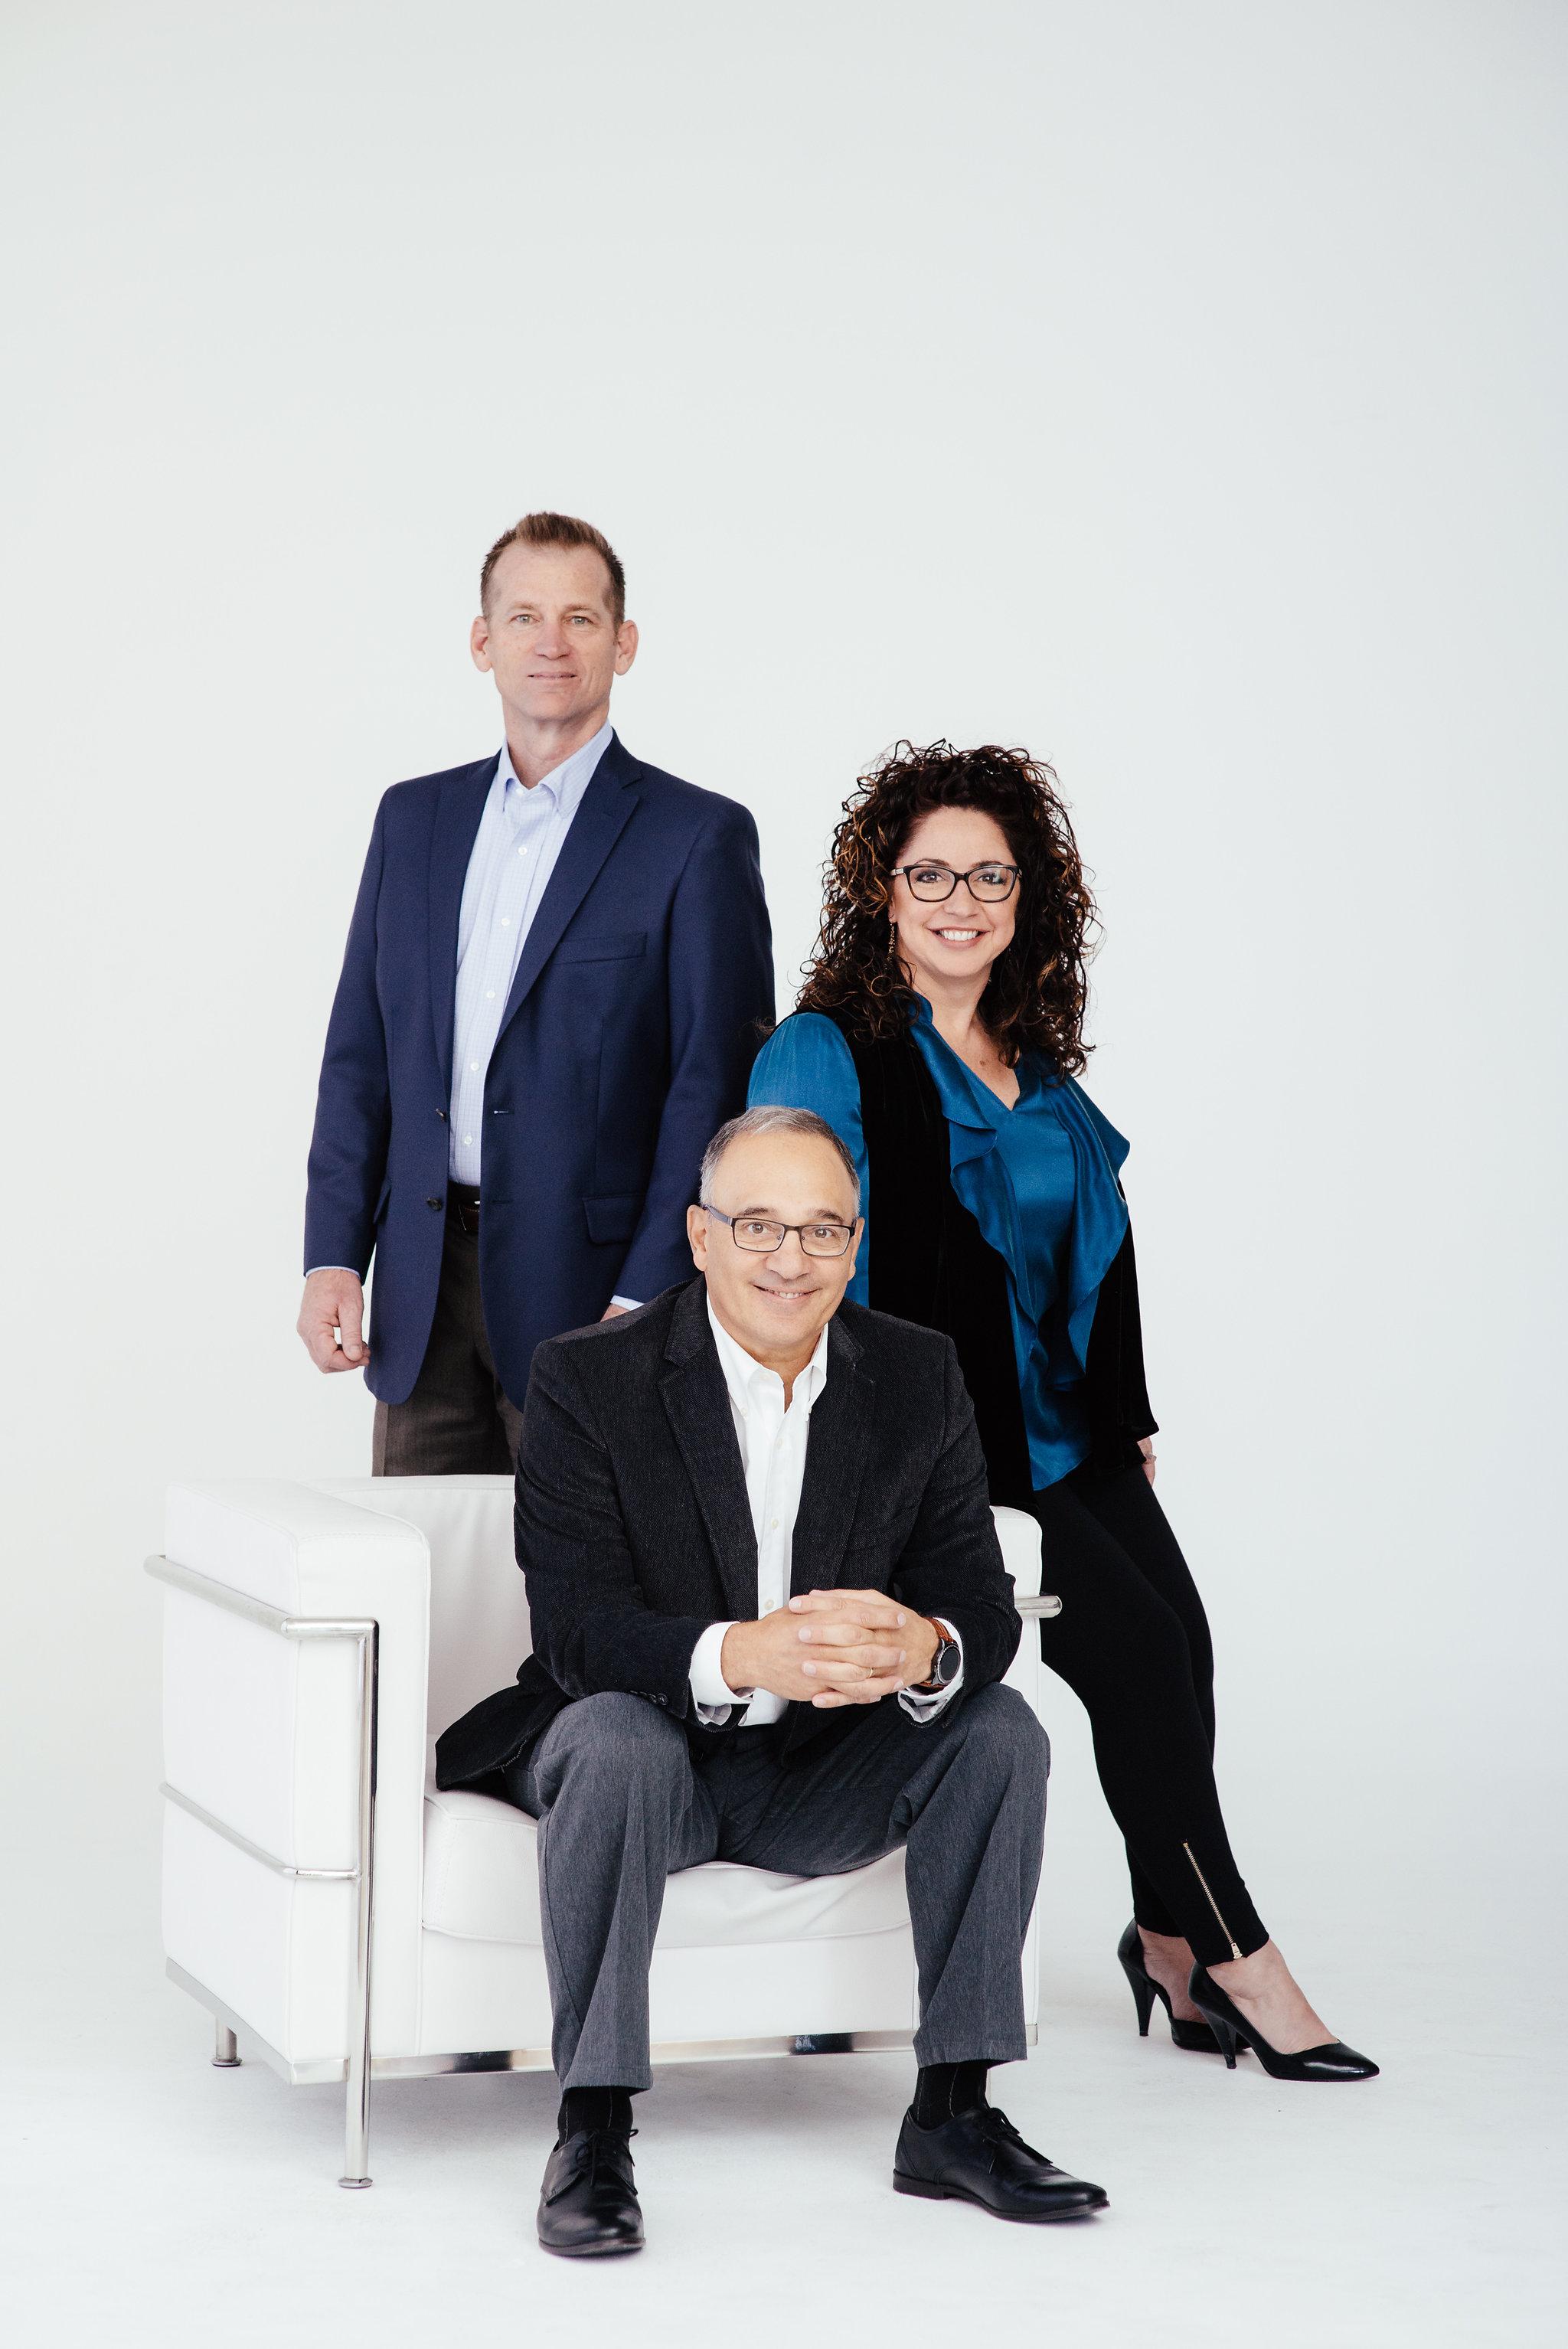 The Kennedy Nastri Marketing Team